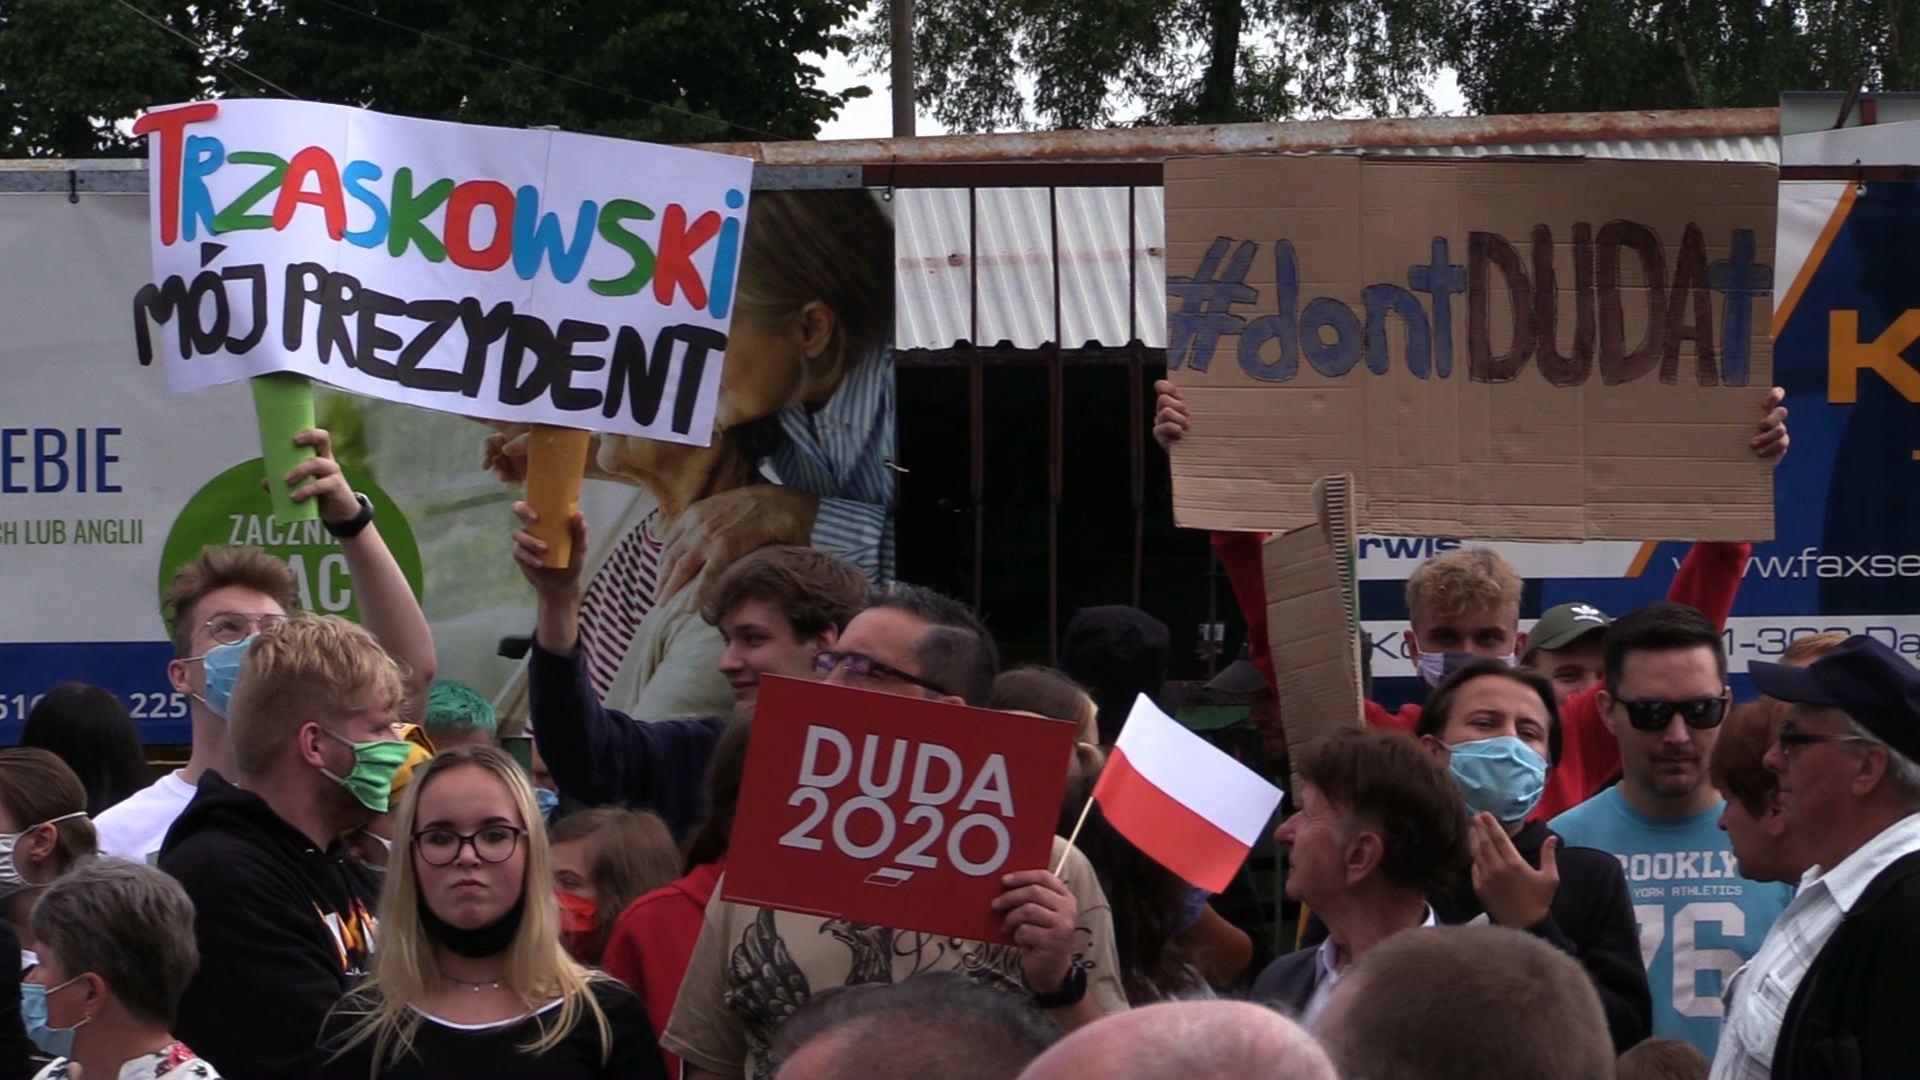 Andrzej Duda z wizytą w województwie śląskim. Witali go zwolennicy jak i przeciwnicy [WIDEO]